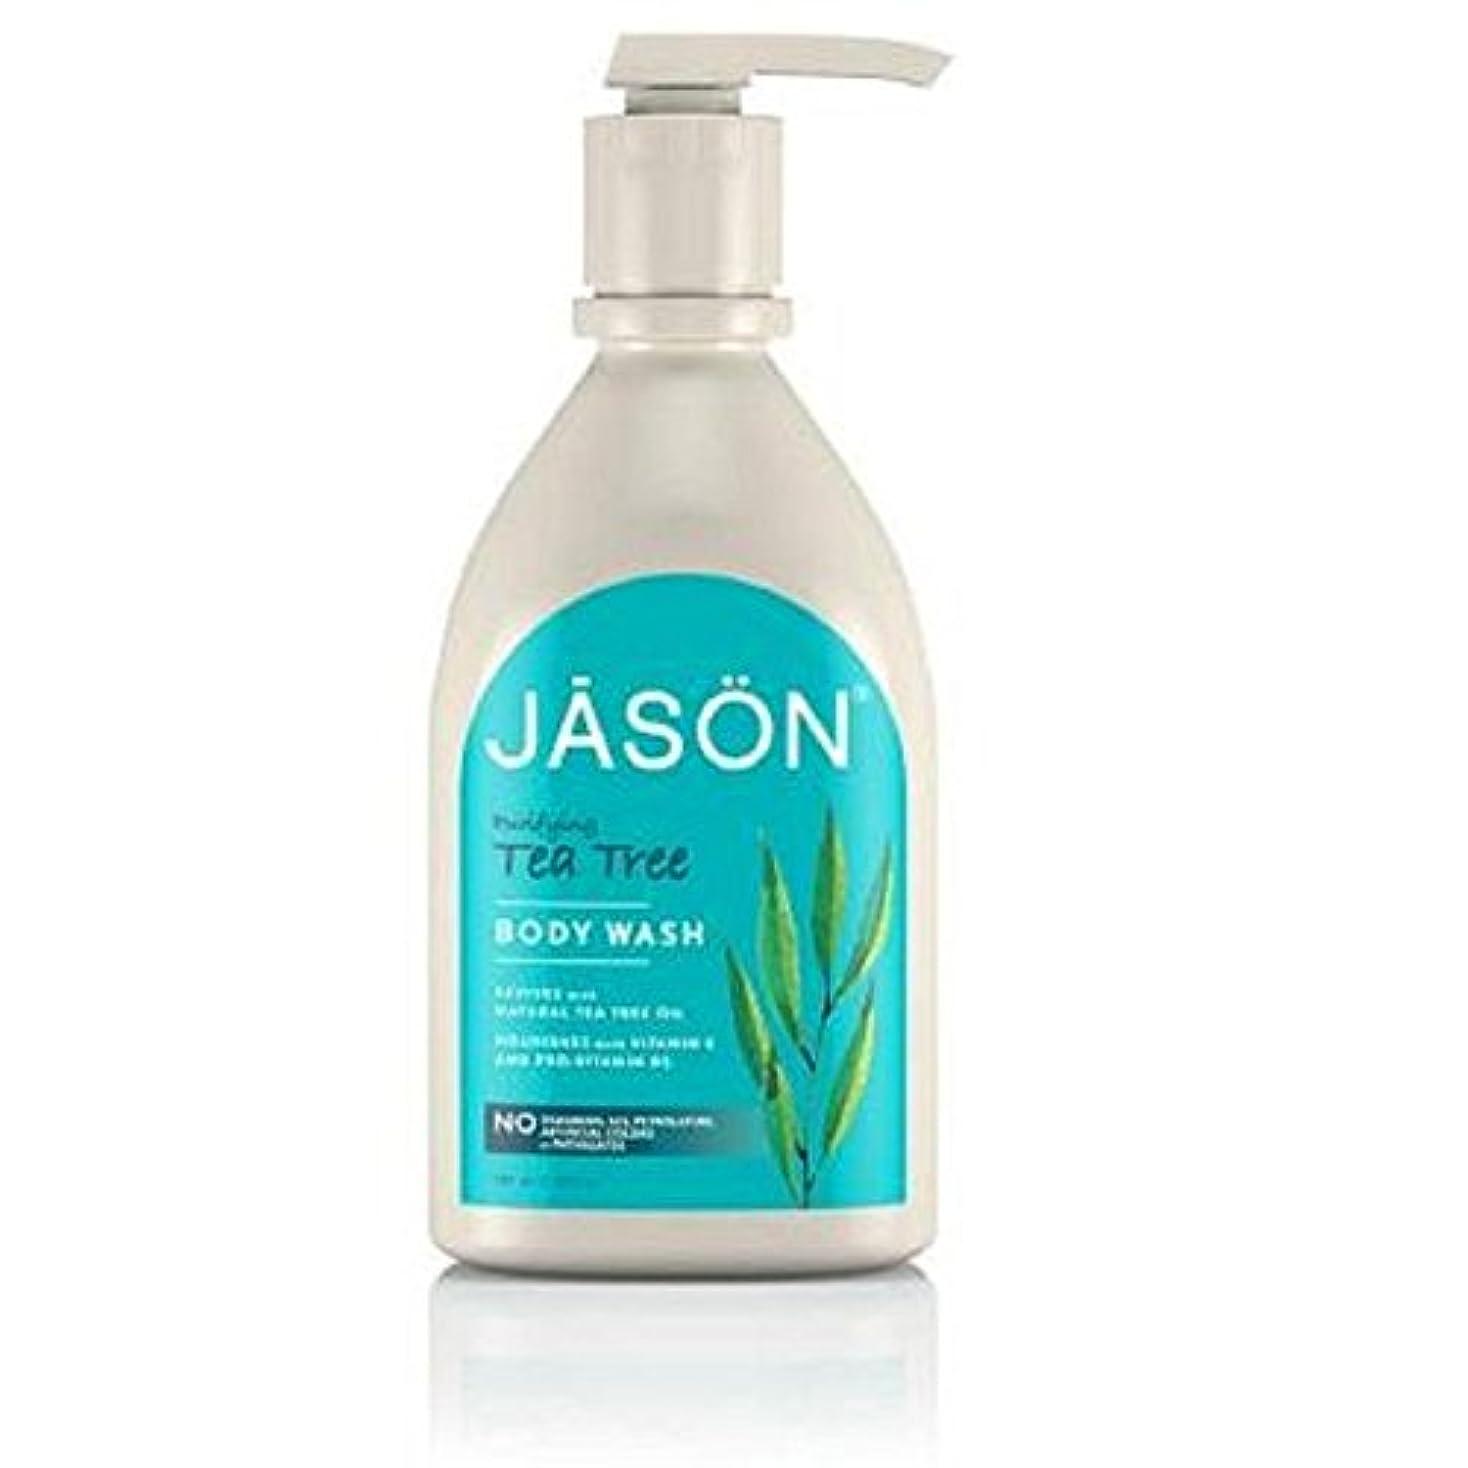 ドナウ川石油暖炉ジェイソン?ティーツリーサテンボディウォッシュポンプ900ミリリットル x2 - Jason Tea Tree Satin Body Wash Pump 900ml (Pack of 2) [並行輸入品]